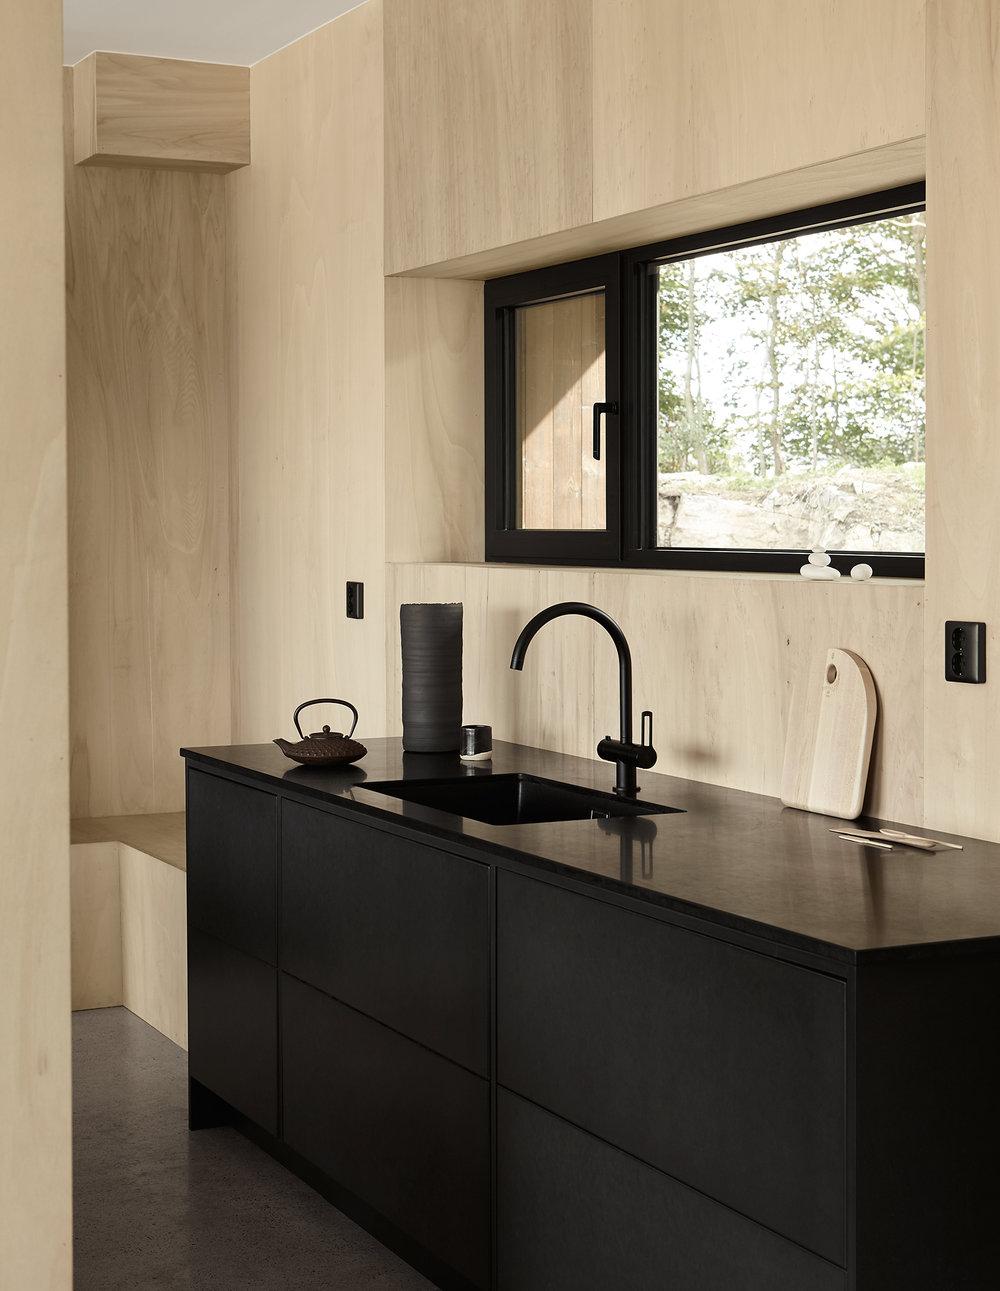 Svart Valchromat   Med konstnären Emma Bernhard har vi skapat detta svarta valchromatkök till hennes hem i Torekov. En svart, matt granitbänkskiva tillsammans med de svarta detaljerna skapar en kontrast till väggarnas varma trätoner.   Pris på förfrågan    Se fler bilder